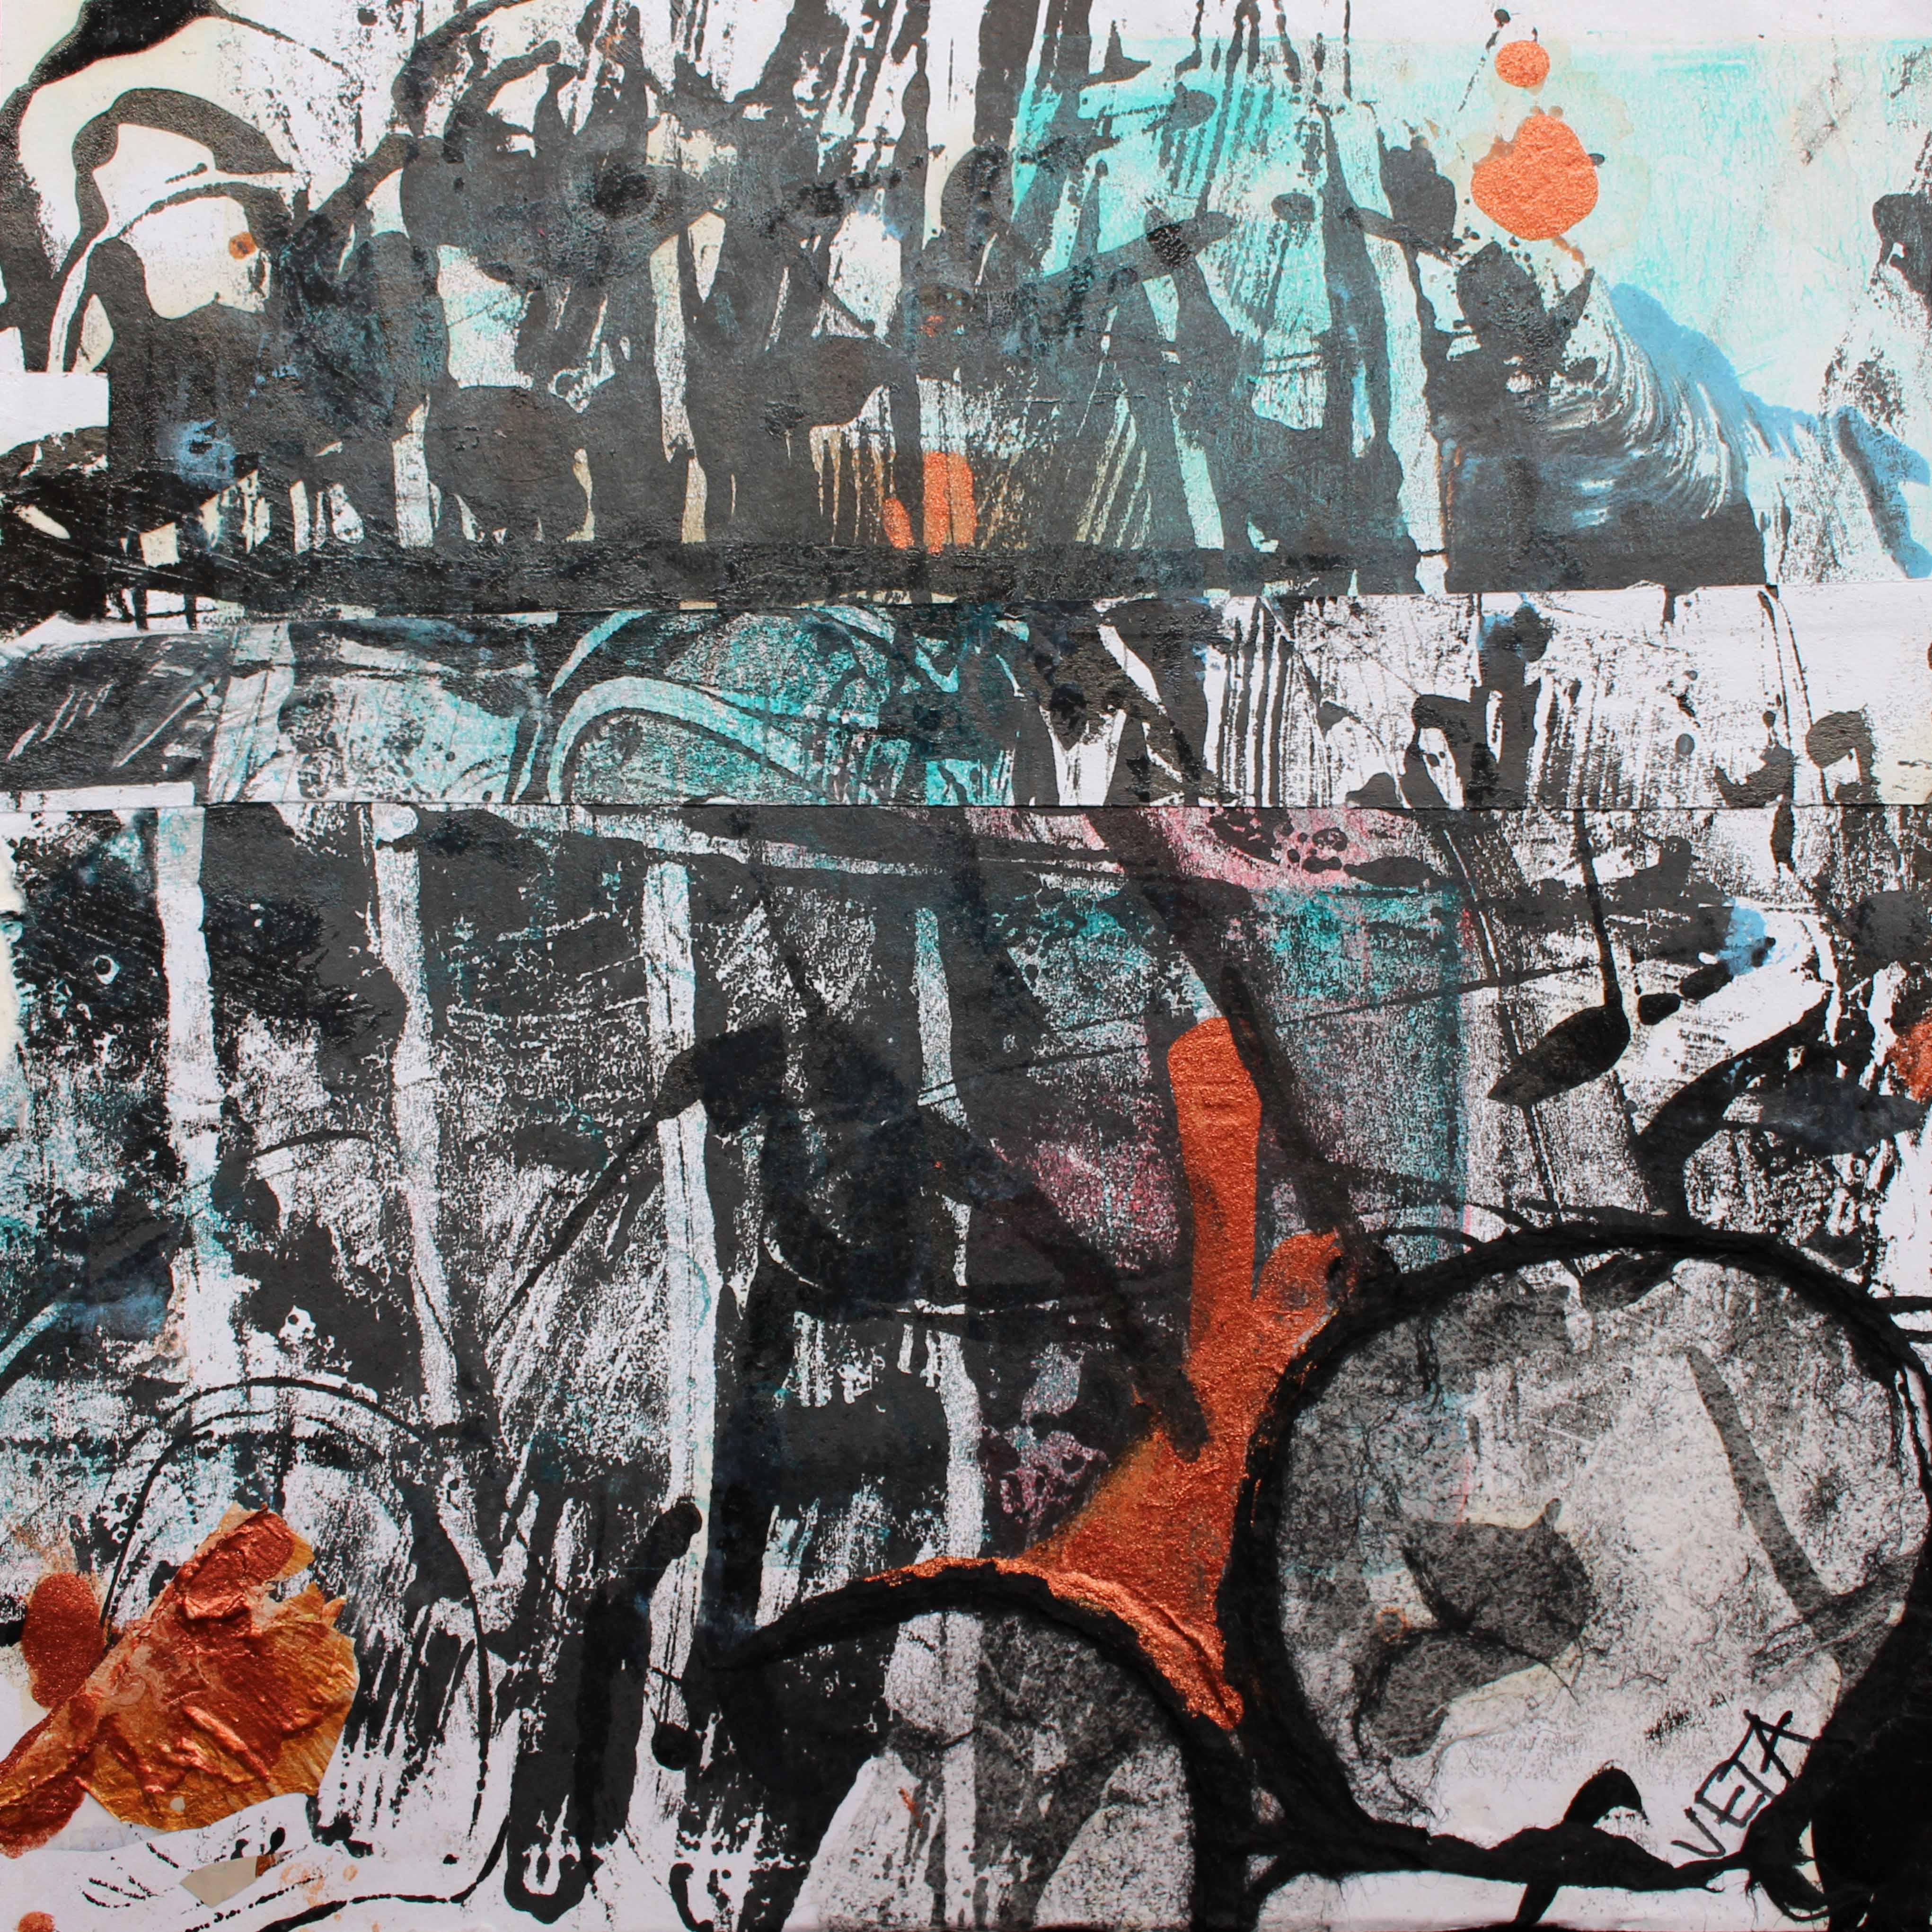 Dynamic life 1  185 x 185 mm Acrylic on card - framed  160